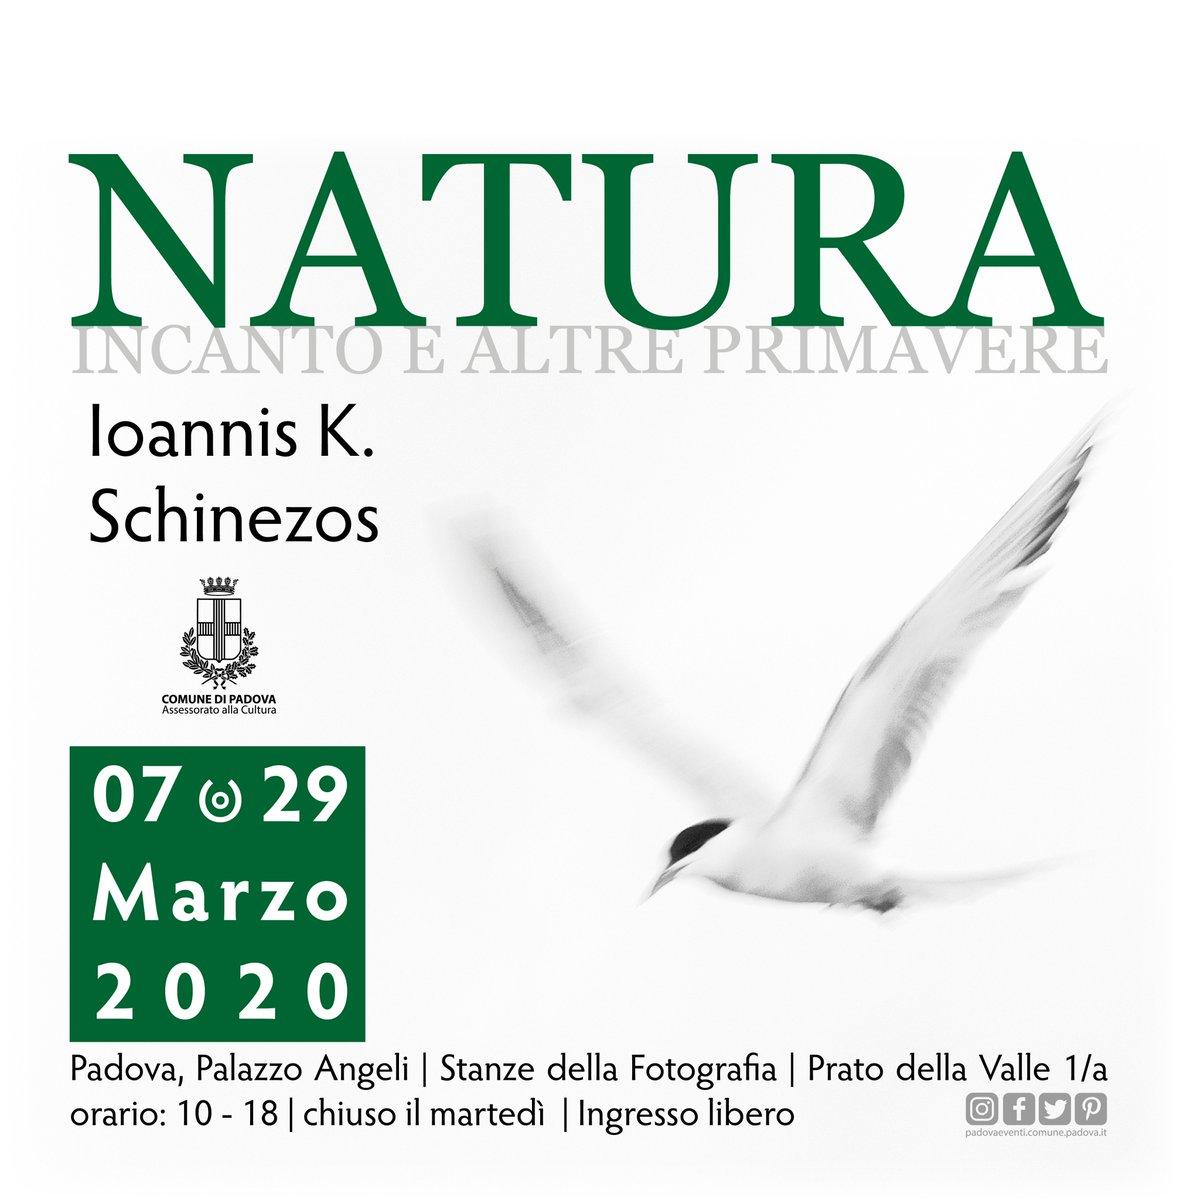 #savethedate #CondividiLaCultura Dal 7 al 29 marzo 2020 #Padova, Palazzo Angeli Informazioni bit.ly/2ttctoN @padovamusei @comunepadova @IlBoLive